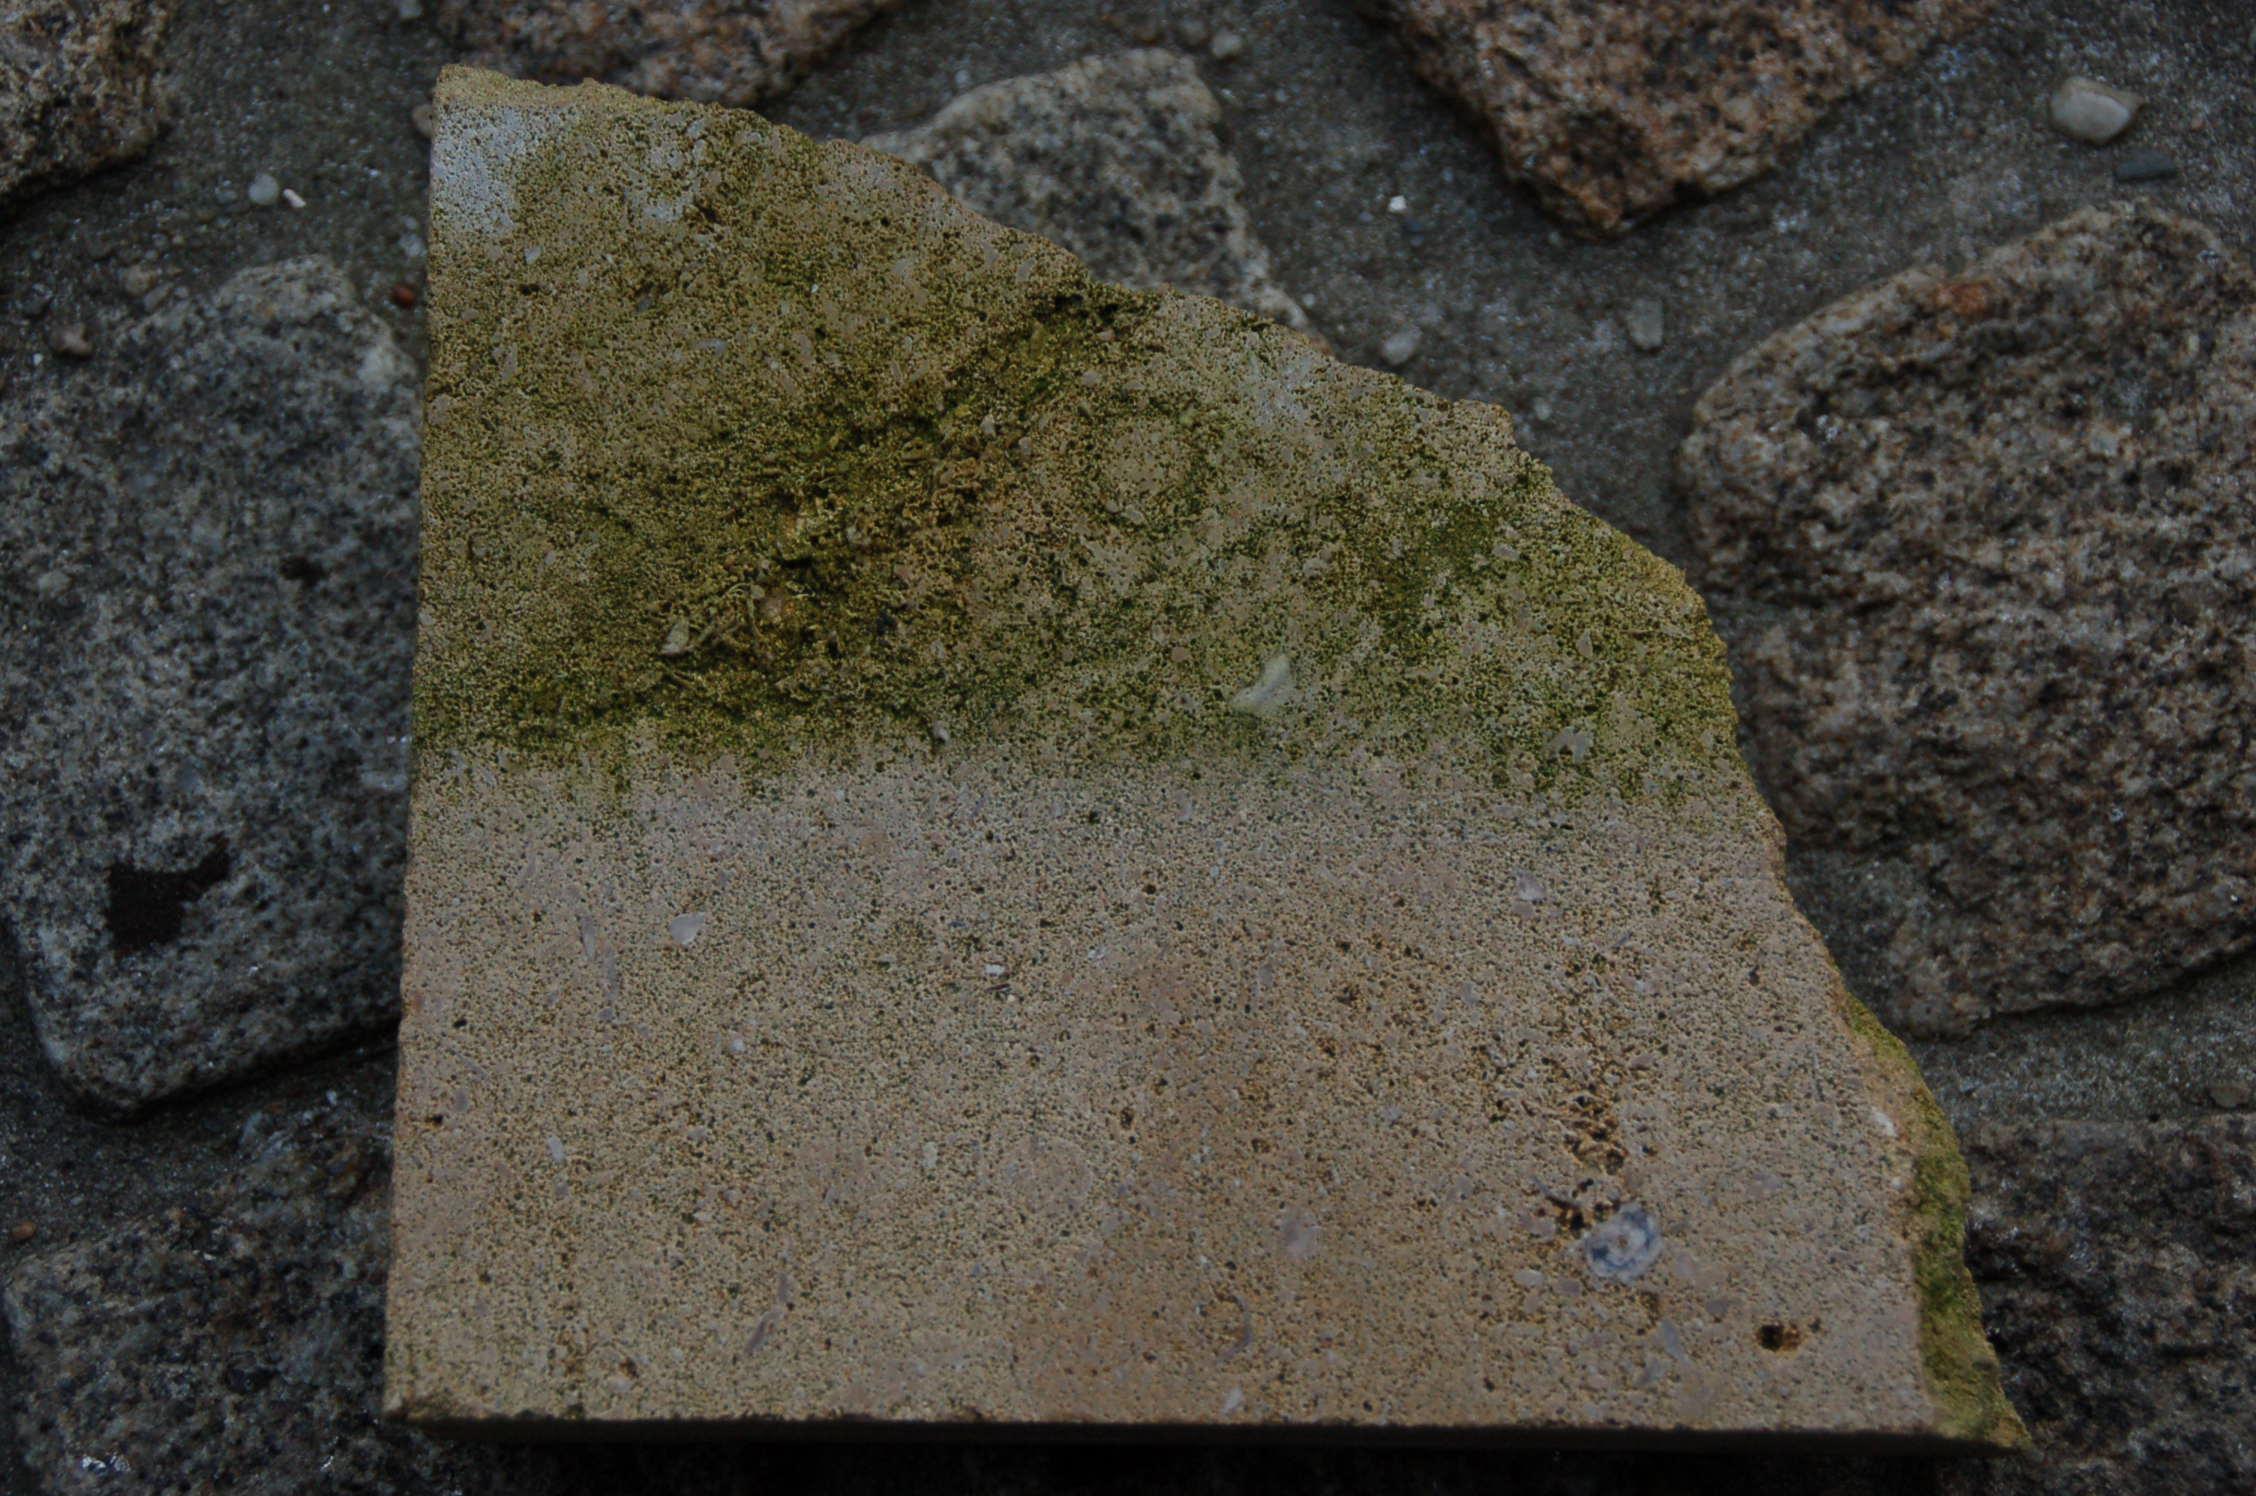 Ochrana kamene proti mechům - vosk HORSEMEN STONE Společnost Acolor s.r.o. nabízí vosk HORSEMEN STON...